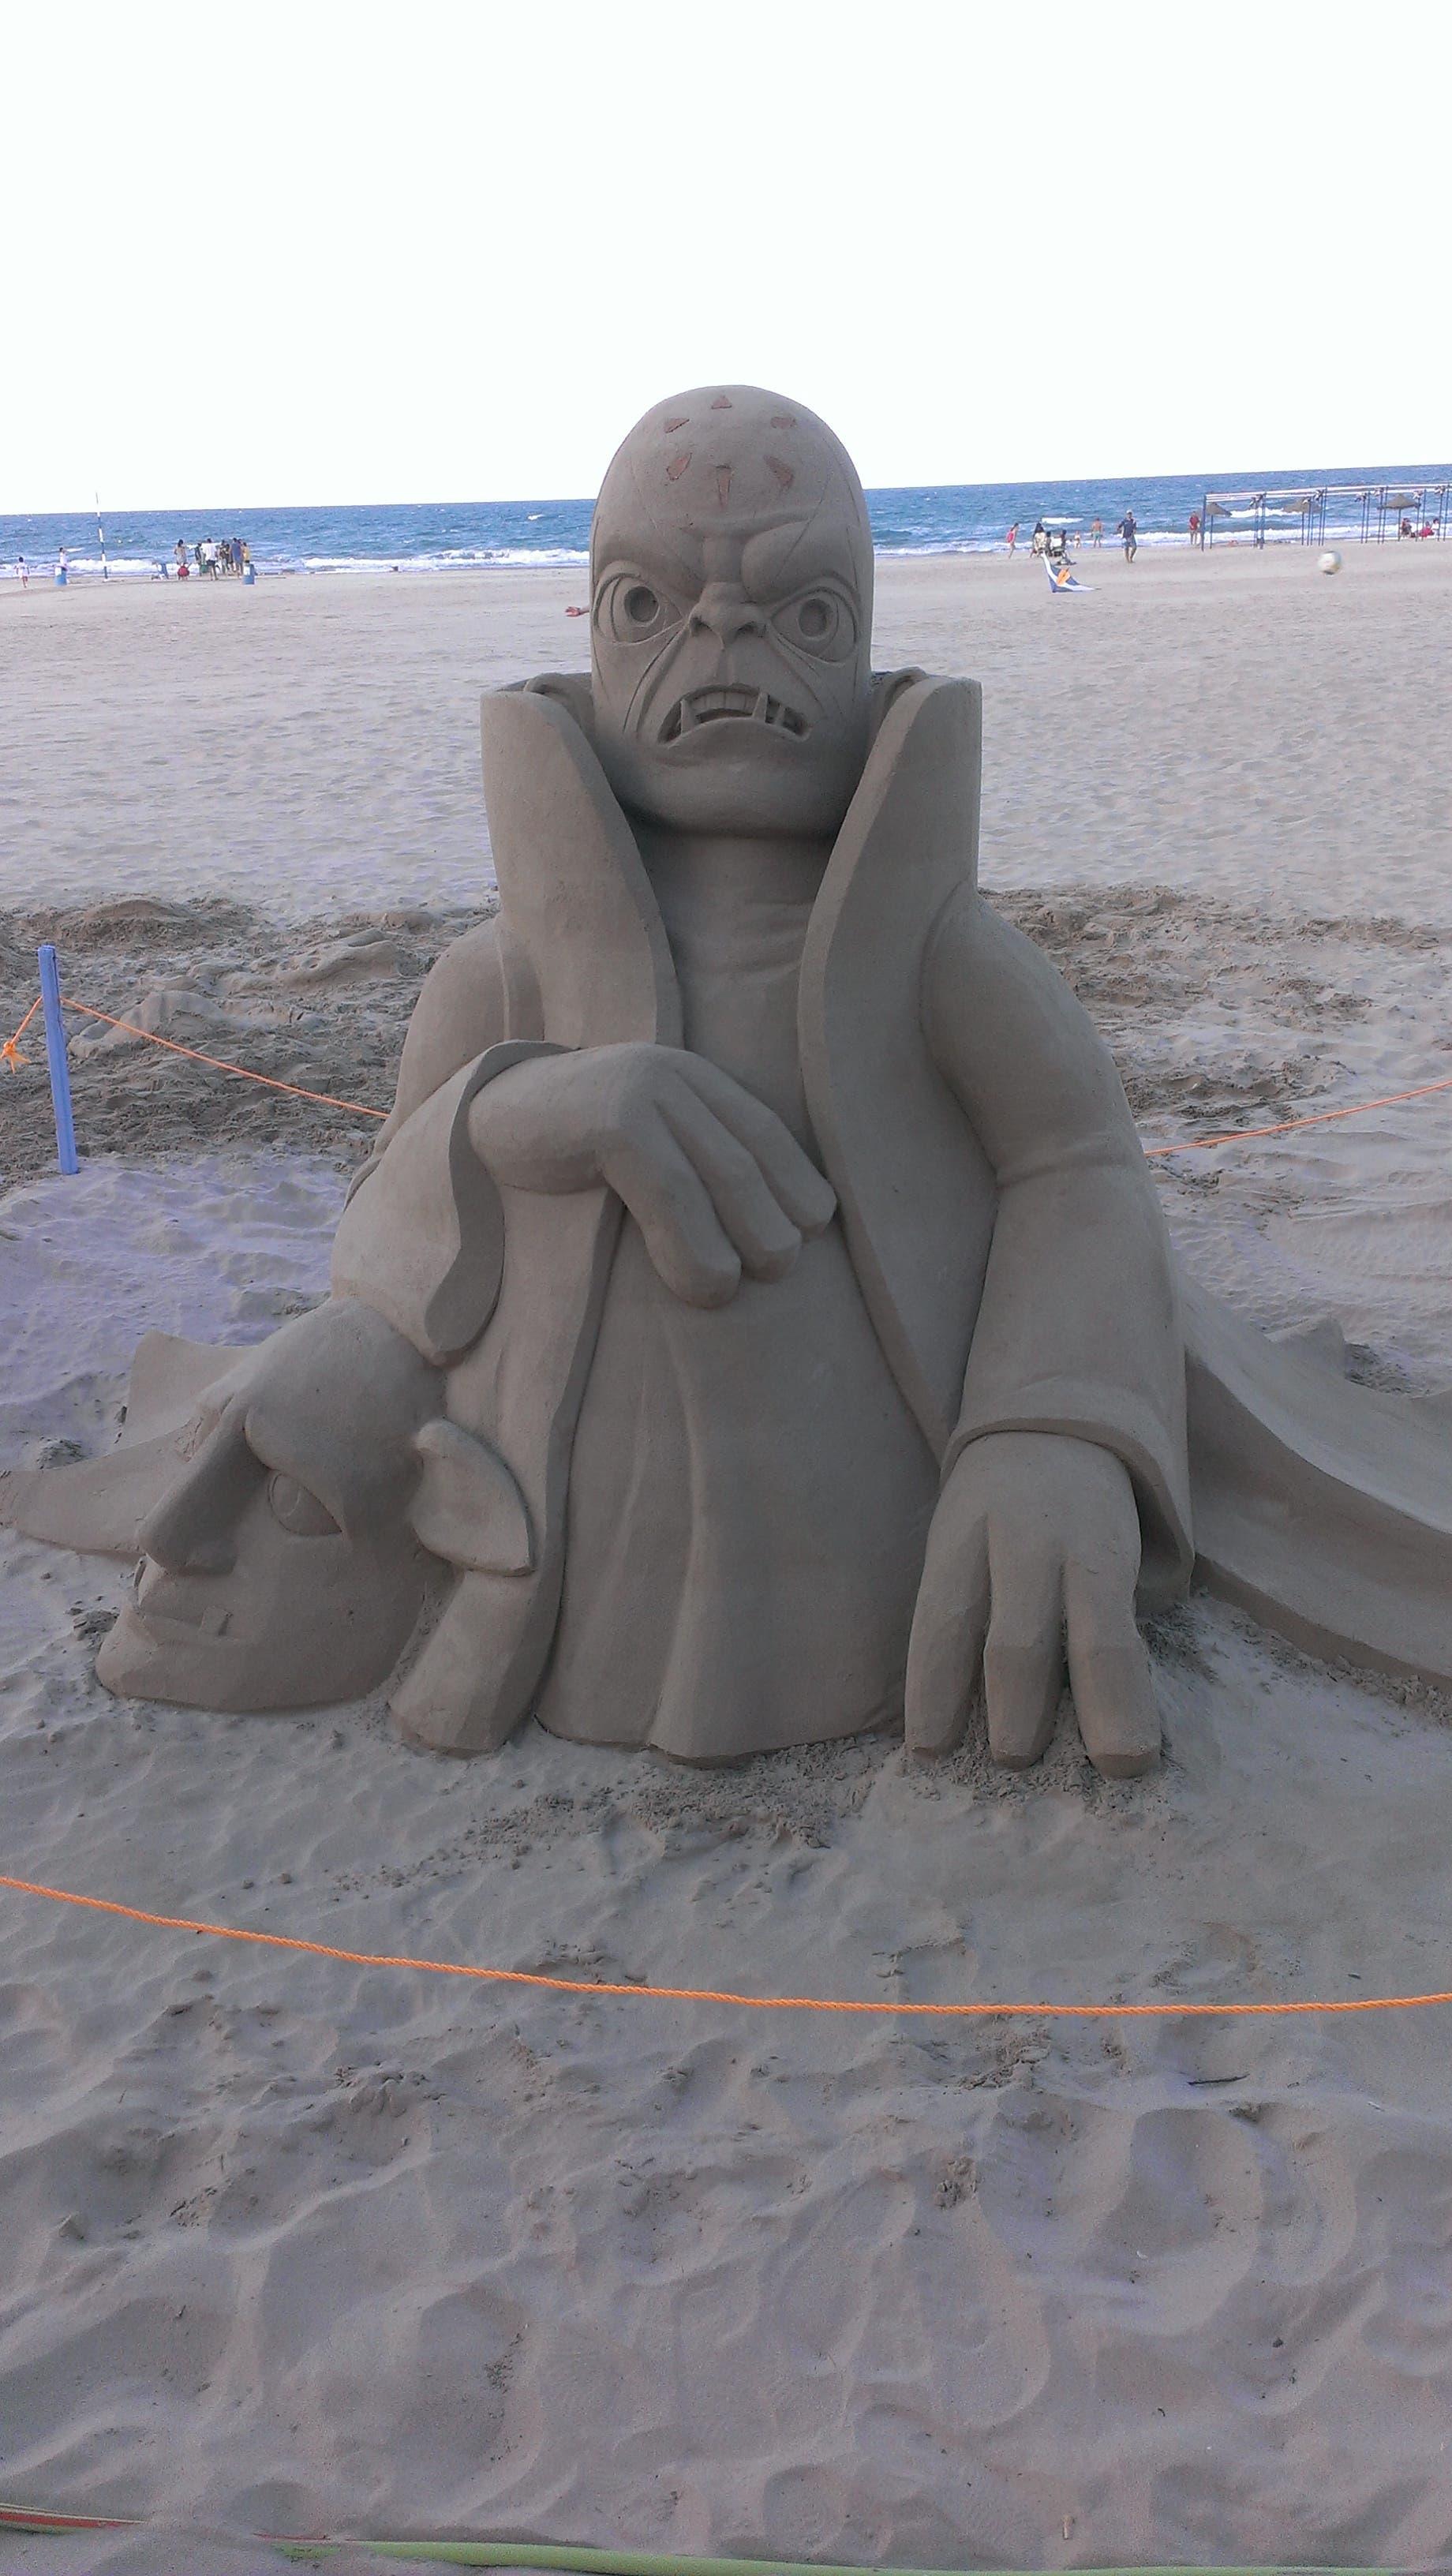 Skylanders Trap Team Figura de Arena en la Playa VI